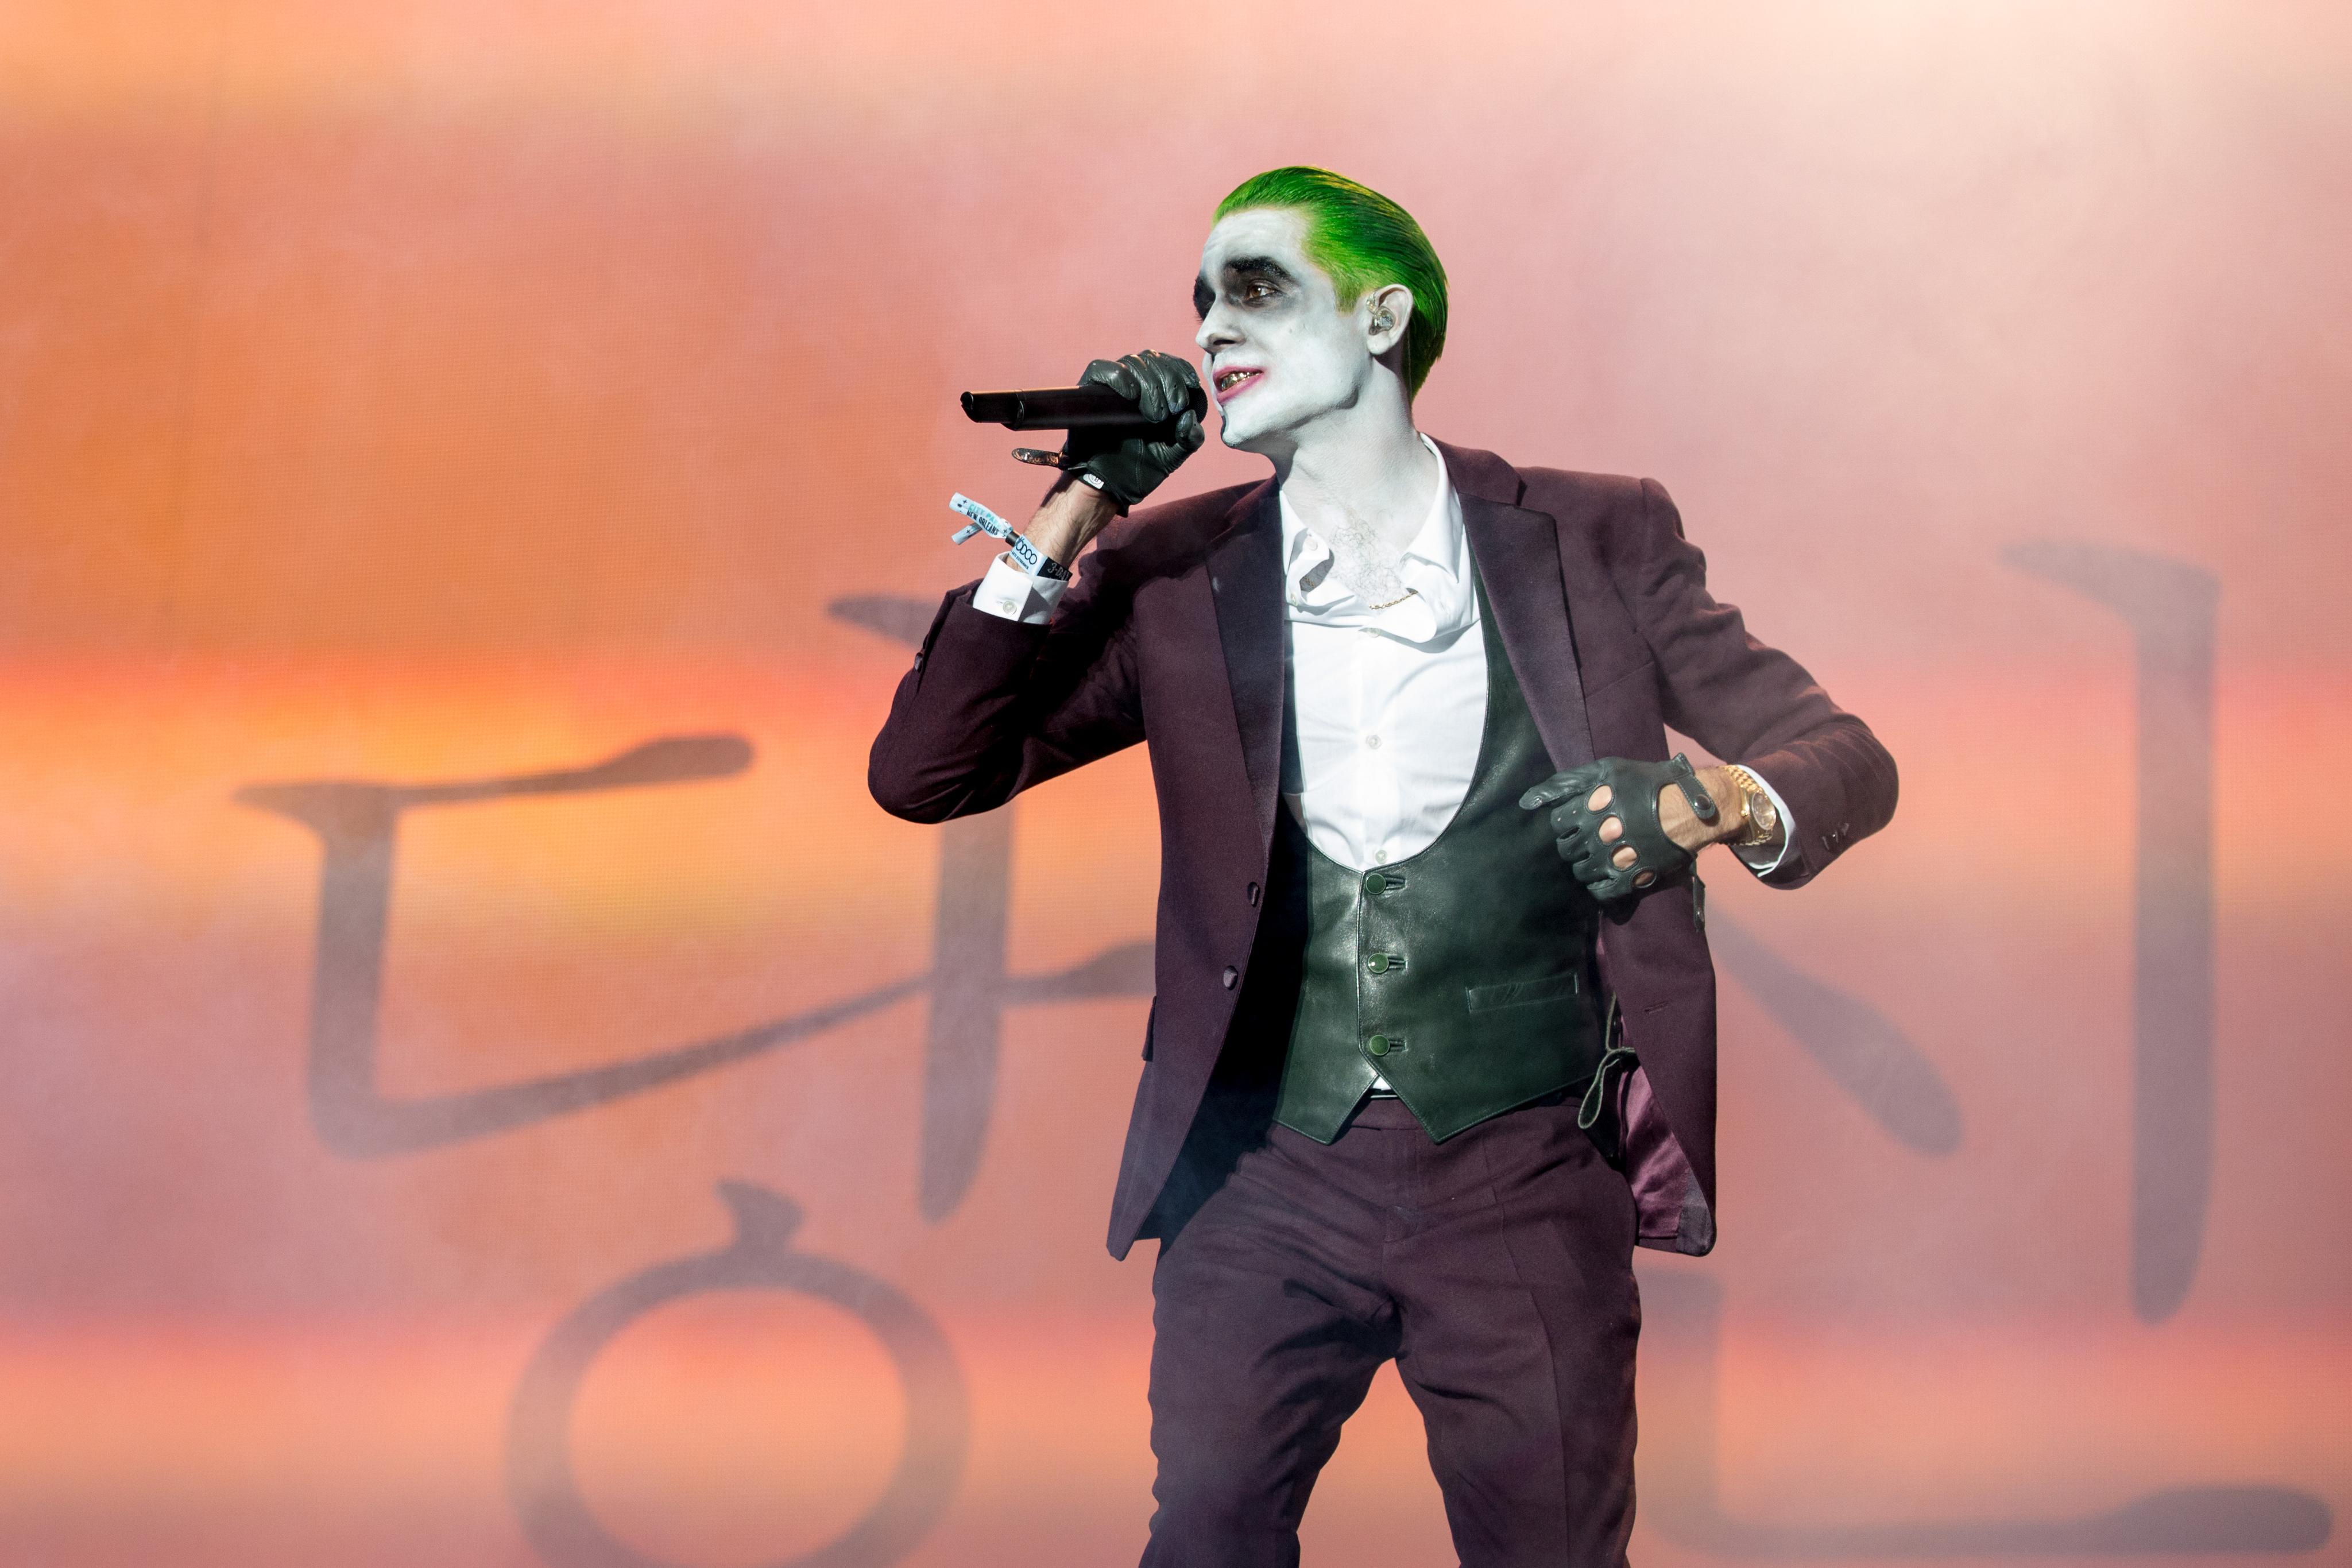 G Eazy as The Joker